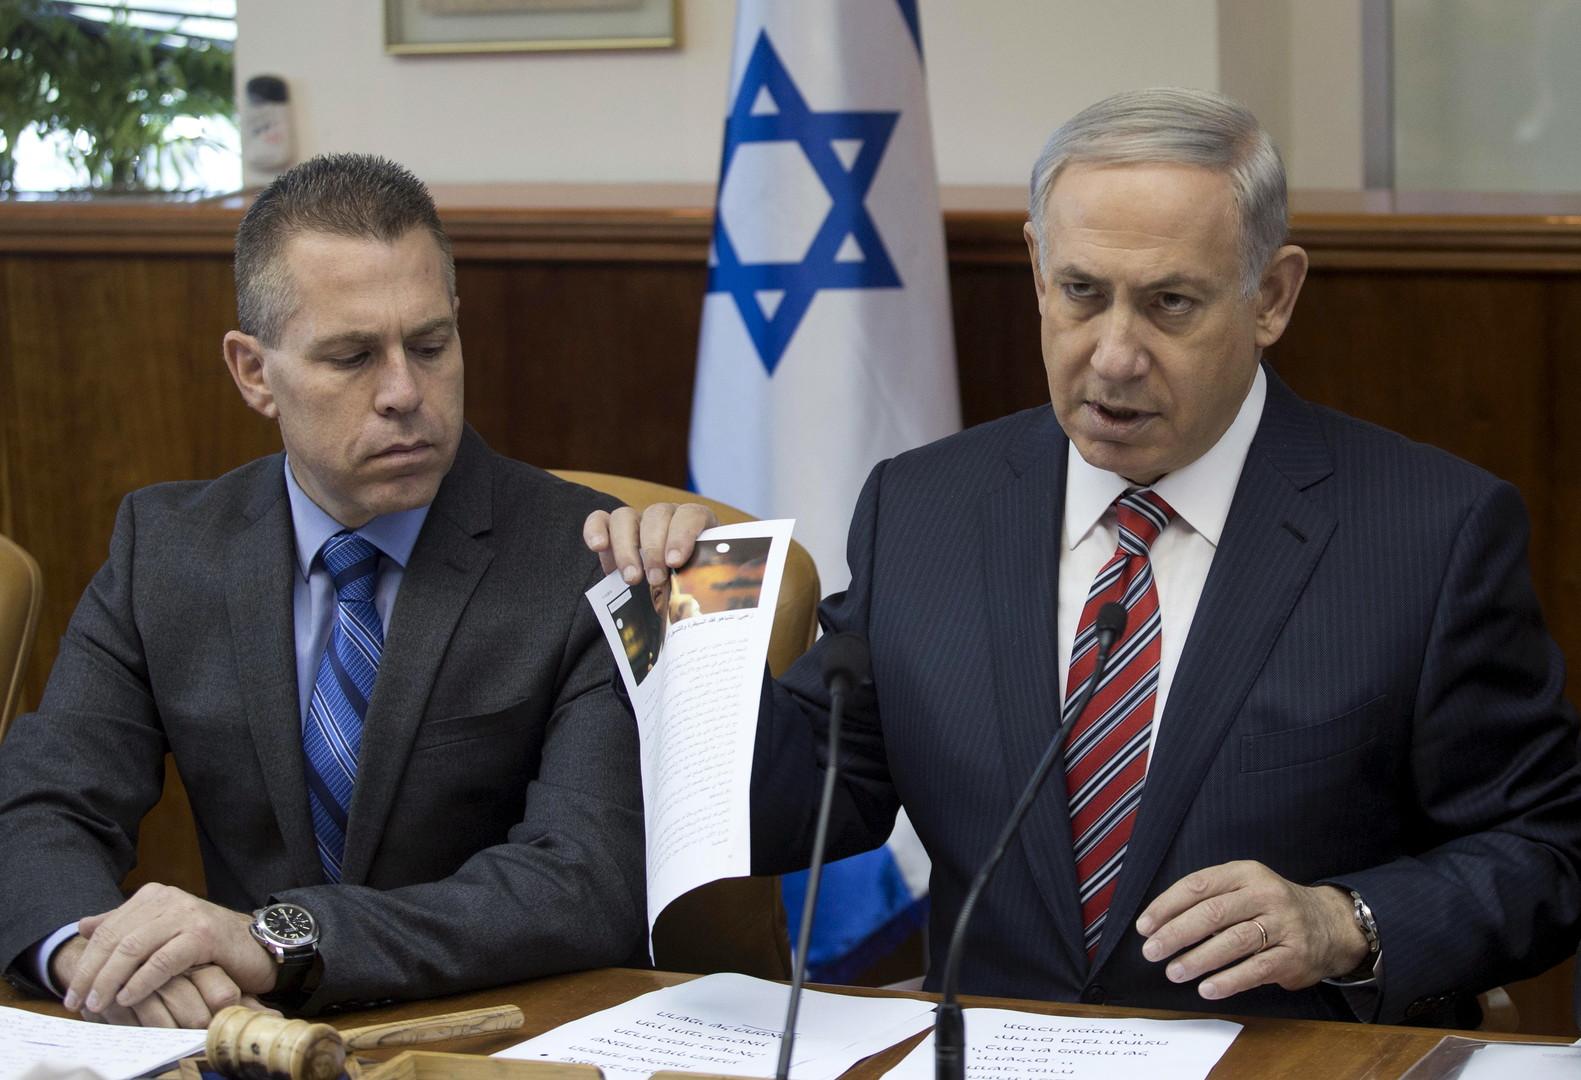 رئيس الوزراء الإسرائيلي بنيامين نتنياهو ووزير الأمن الداخلي جلعاد إردان